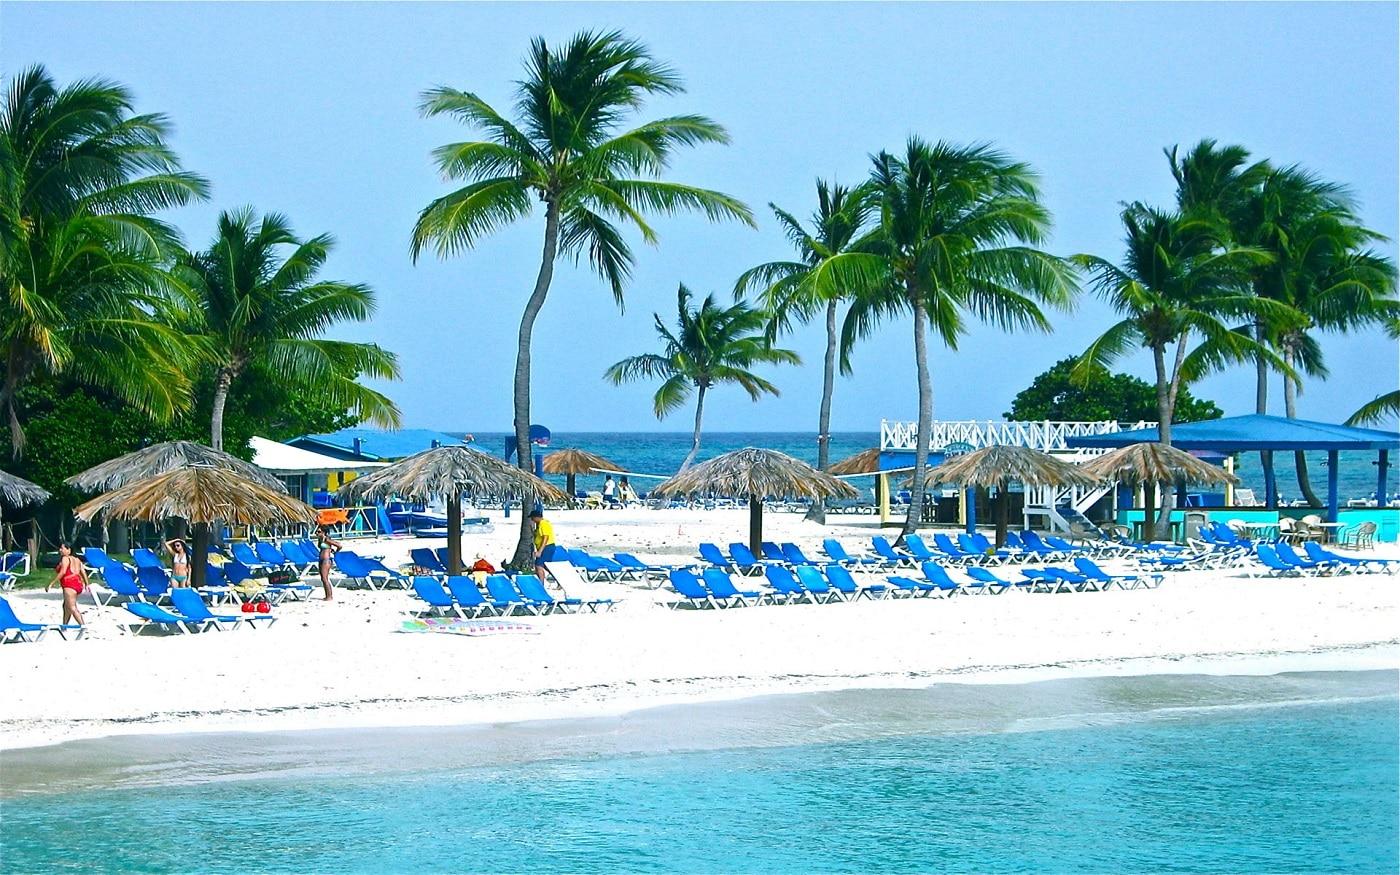 Plajele din Puerto Rico sunt o binecuvântare